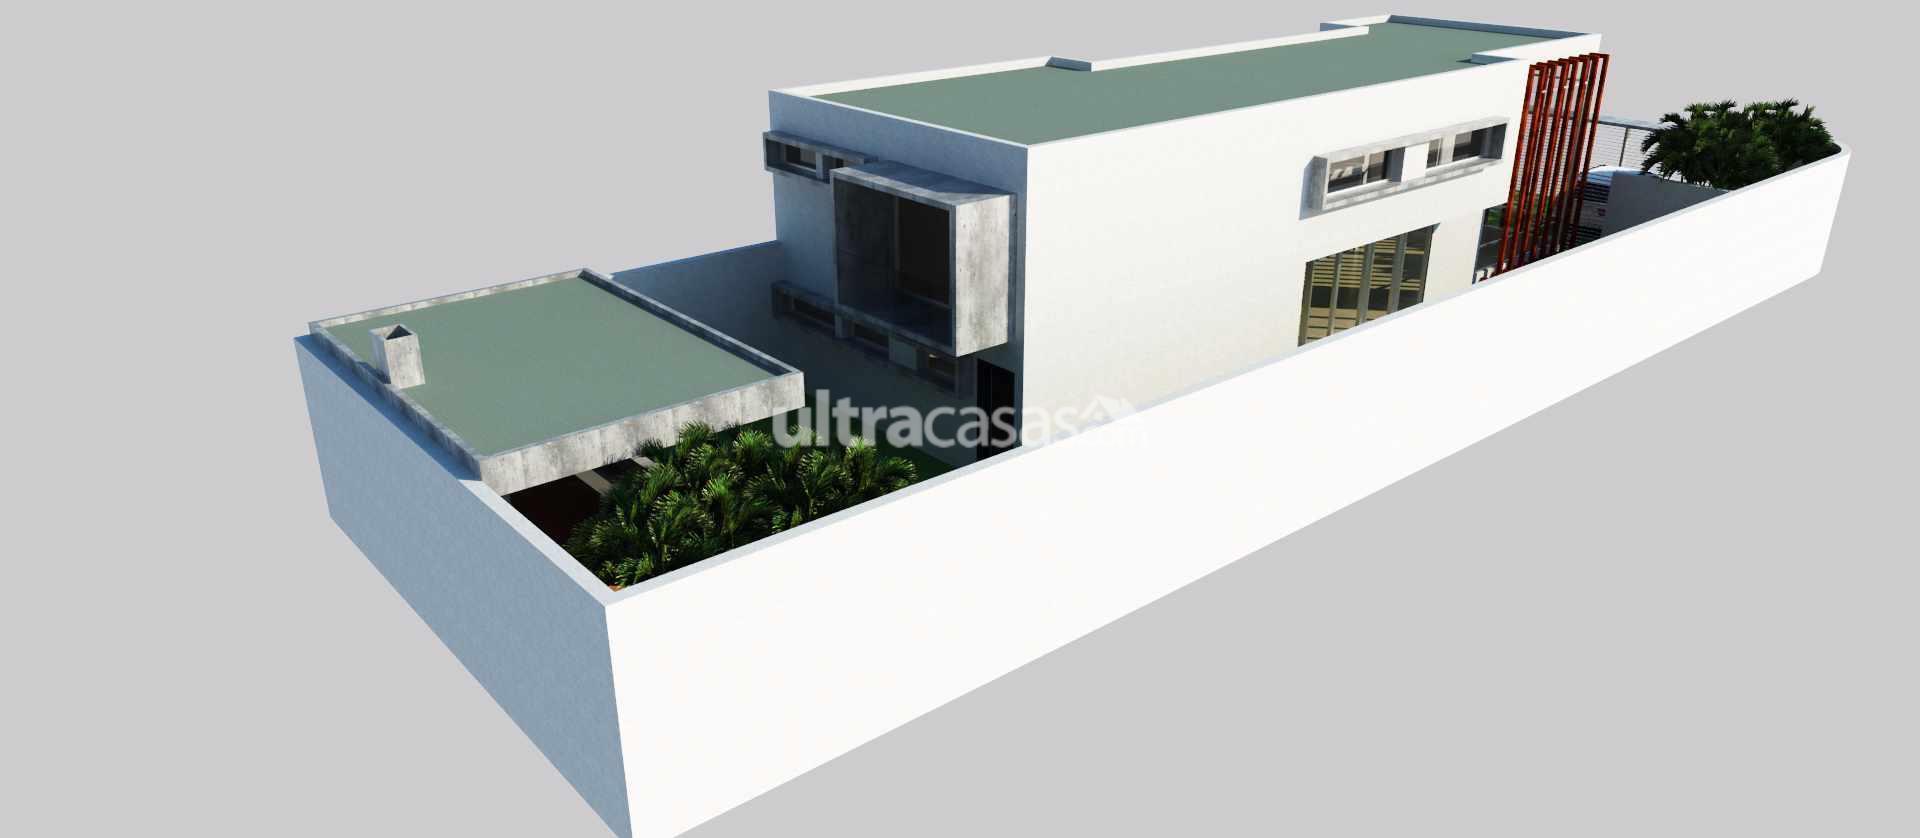 Casa en Venta Las Palmas, entre 3er y 4to anillo (1 cuadra de la Av. Piraí y a 4 cuadras del 4to Anillo) Foto 2